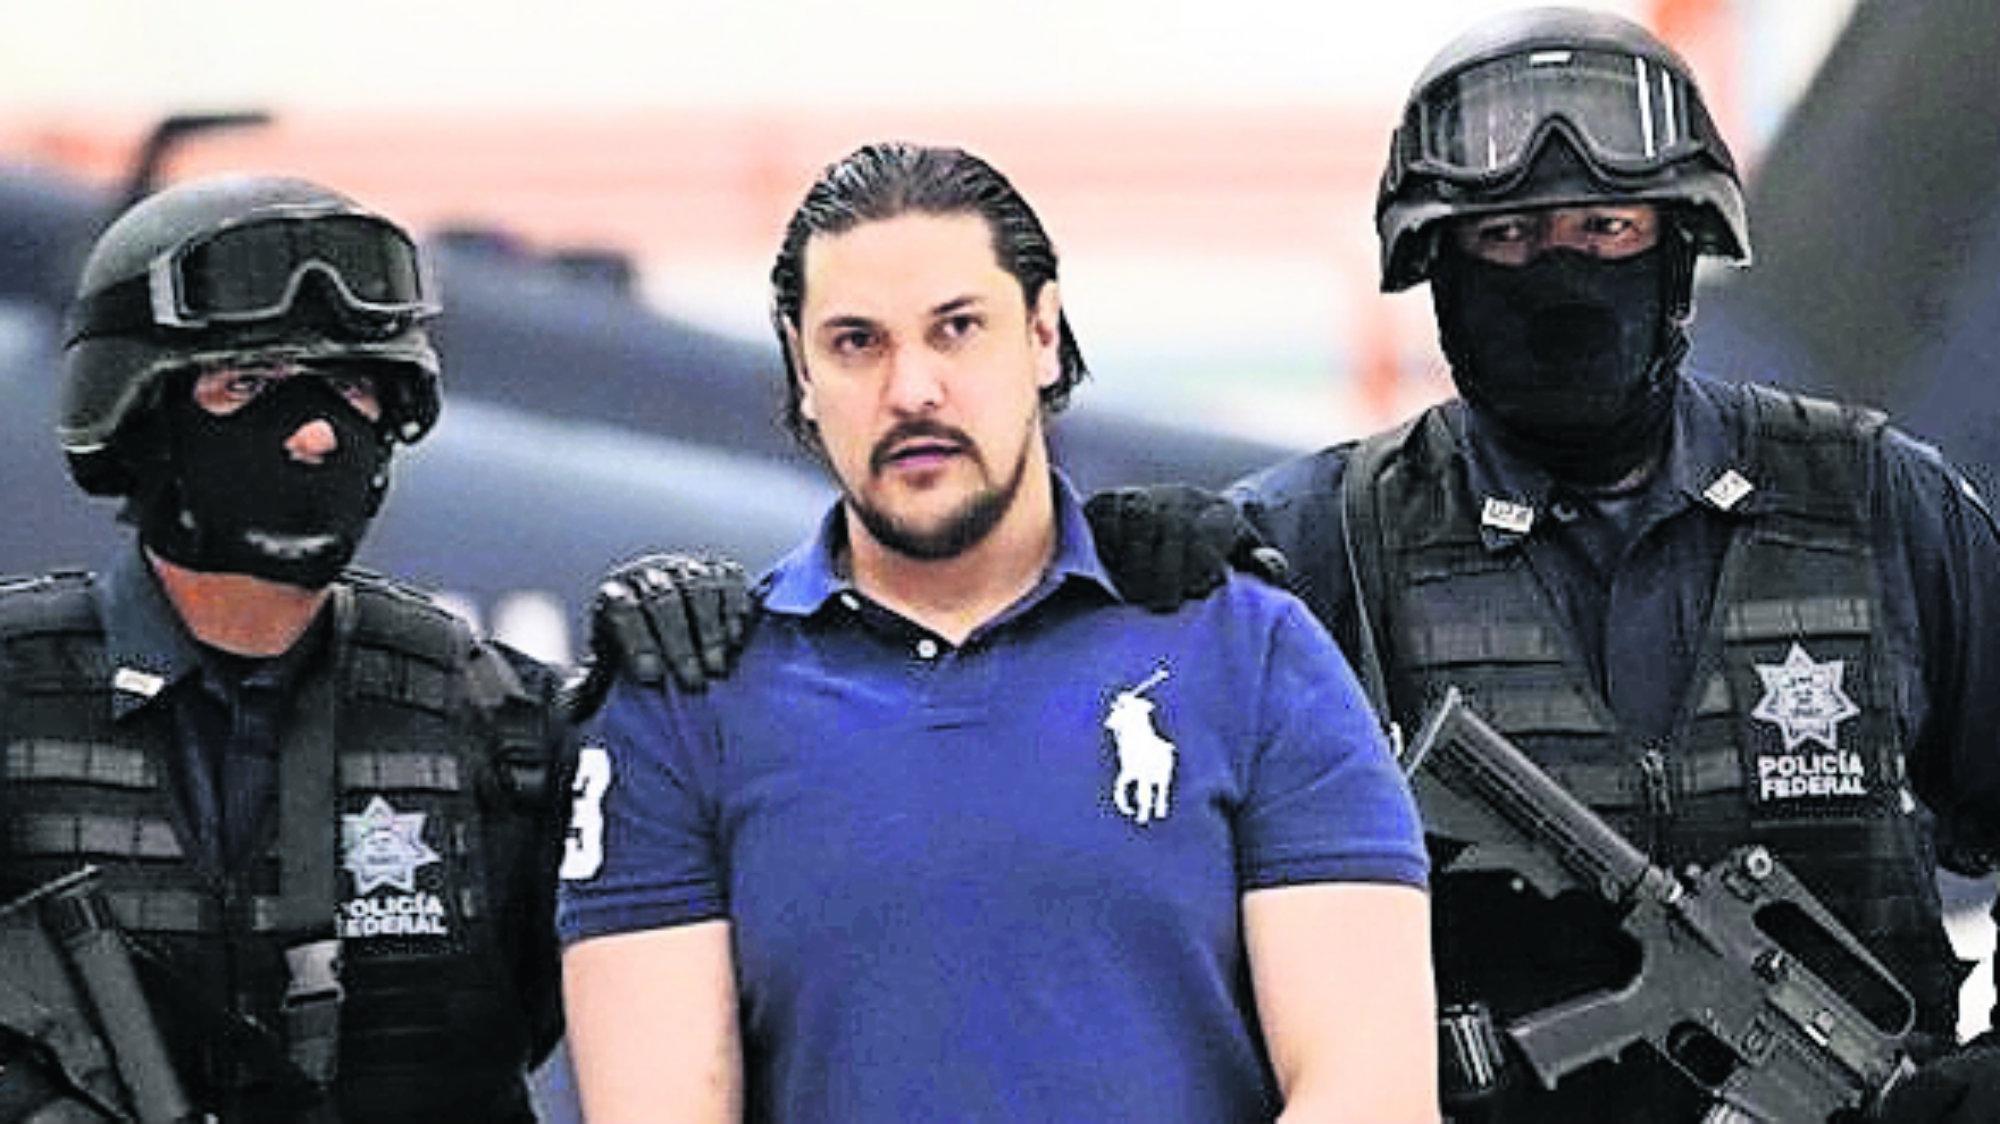 Sentencia JJ Salvador Cabañas Beltrán Leyva